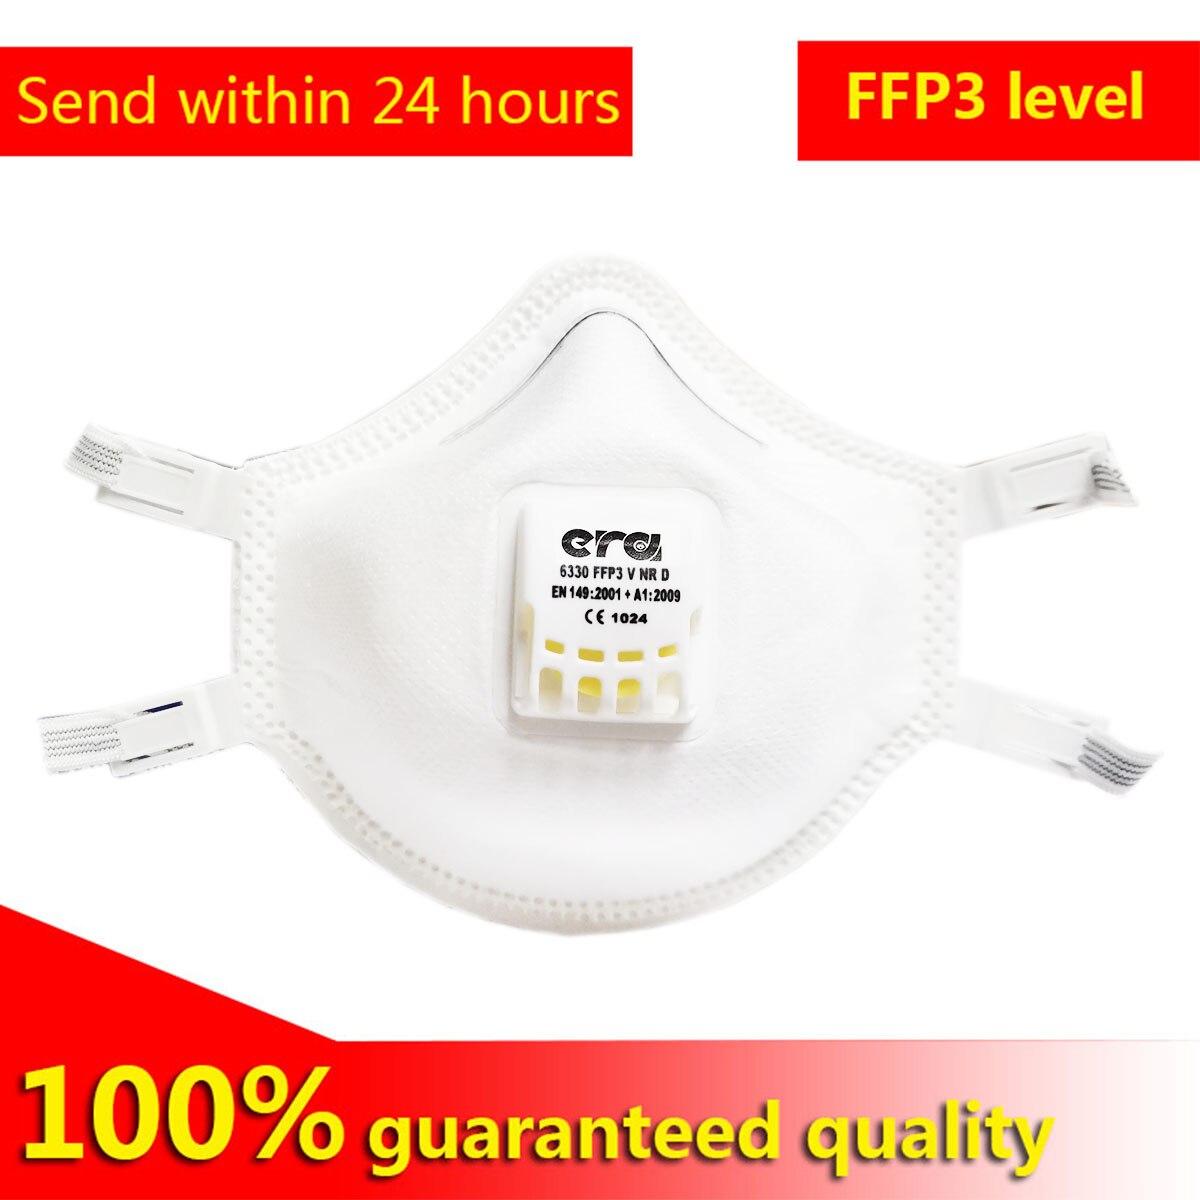 FFP3 Level Masks Imported High Quality Mask FFP3 Protective Mask Independent Installation FFP3 With Breathing Valve FFP3 Grade